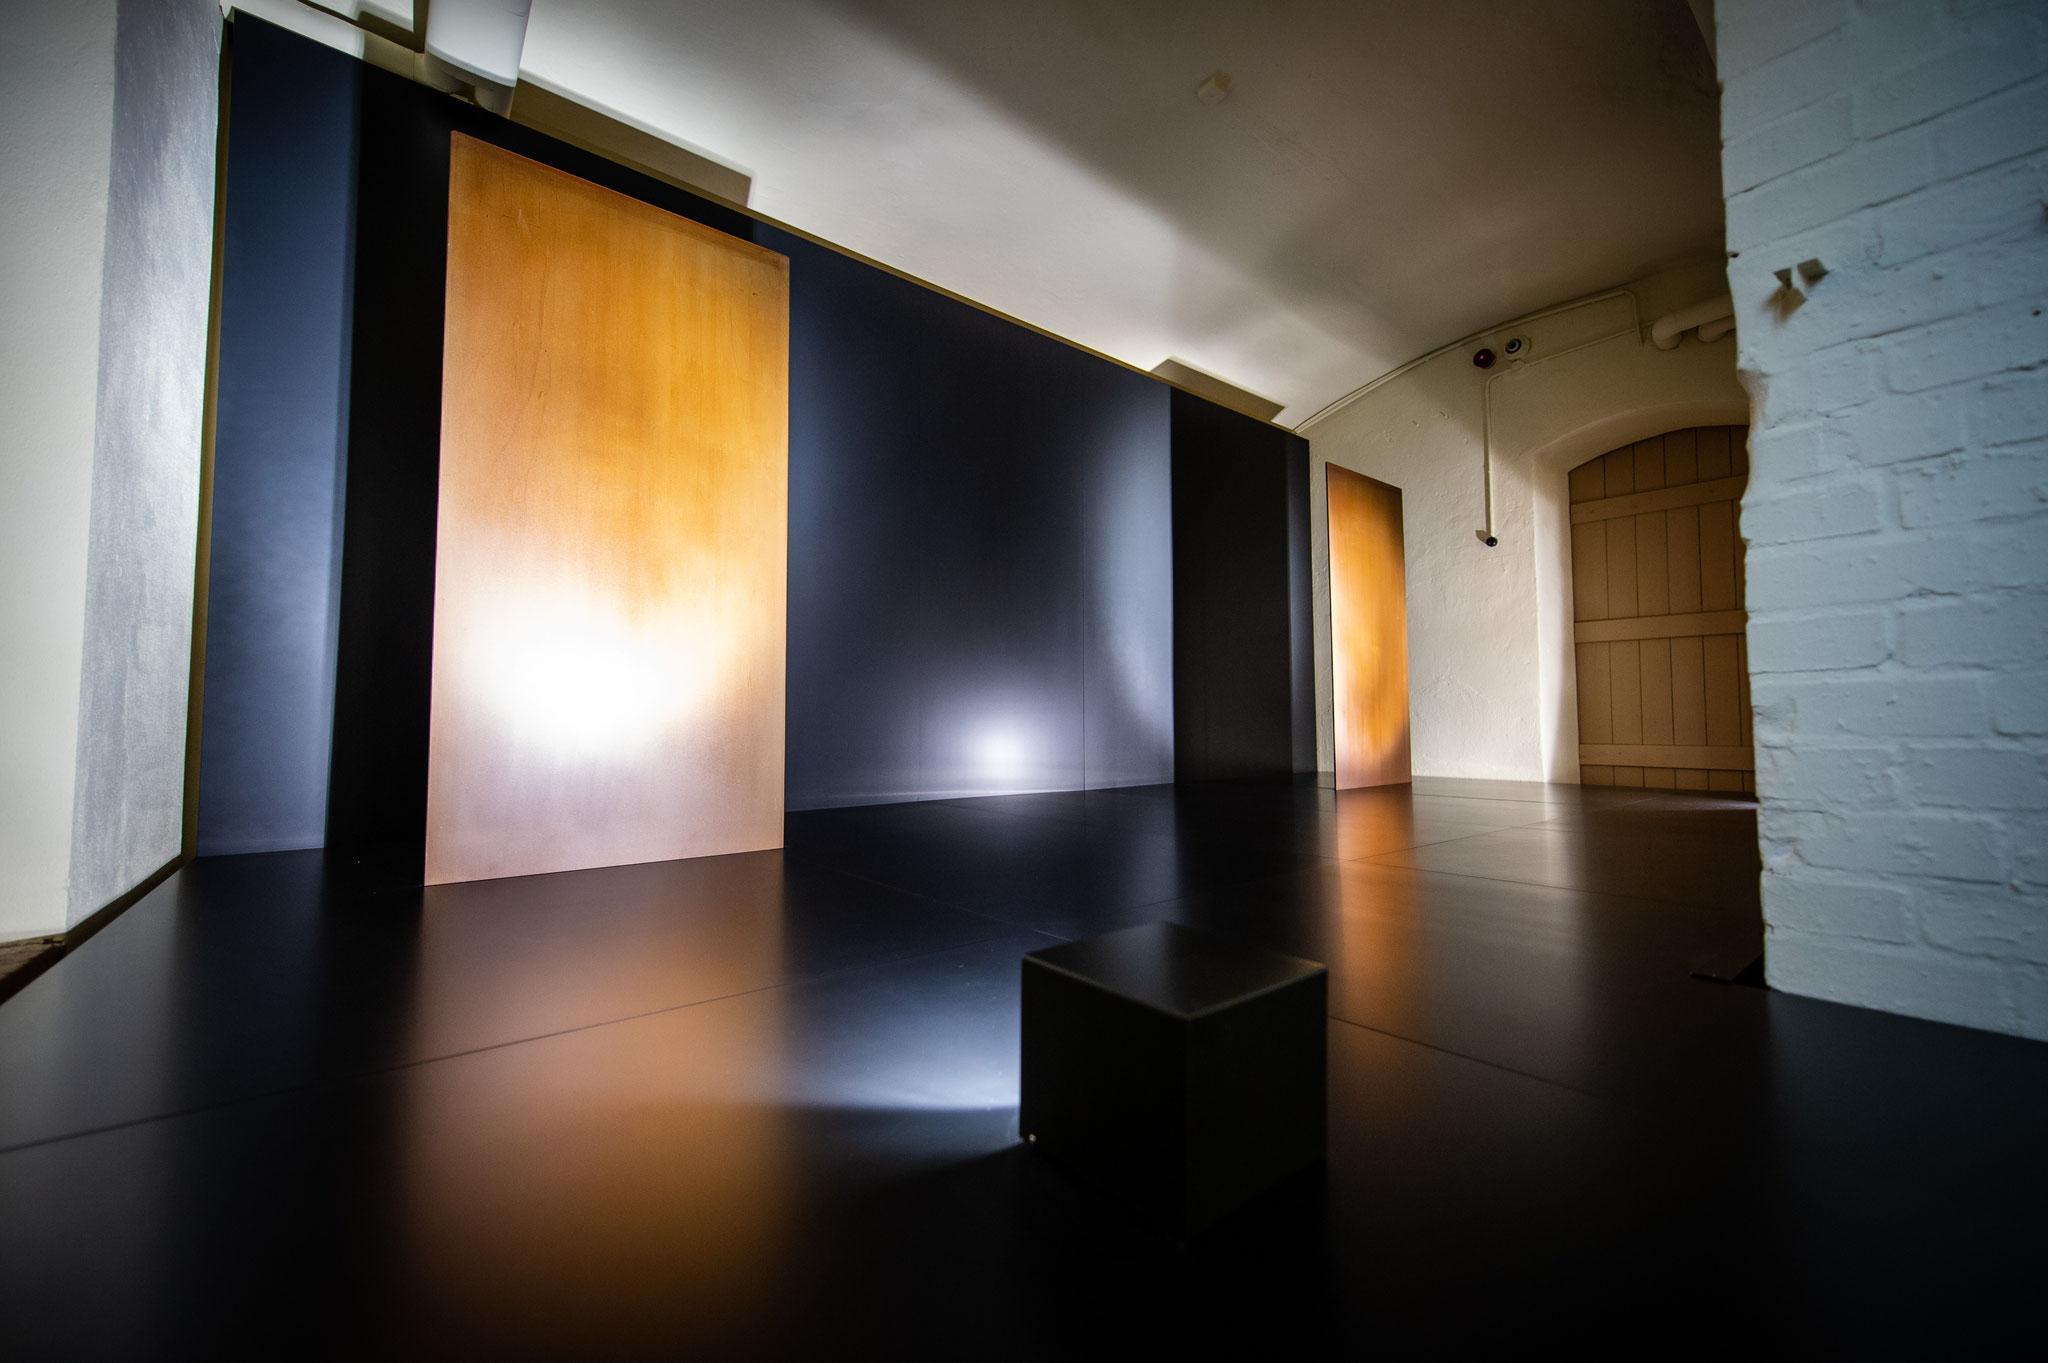 Krematorium, Standort der Öfen mit Lichtinstallation © BERGZWO / André Stoeriko